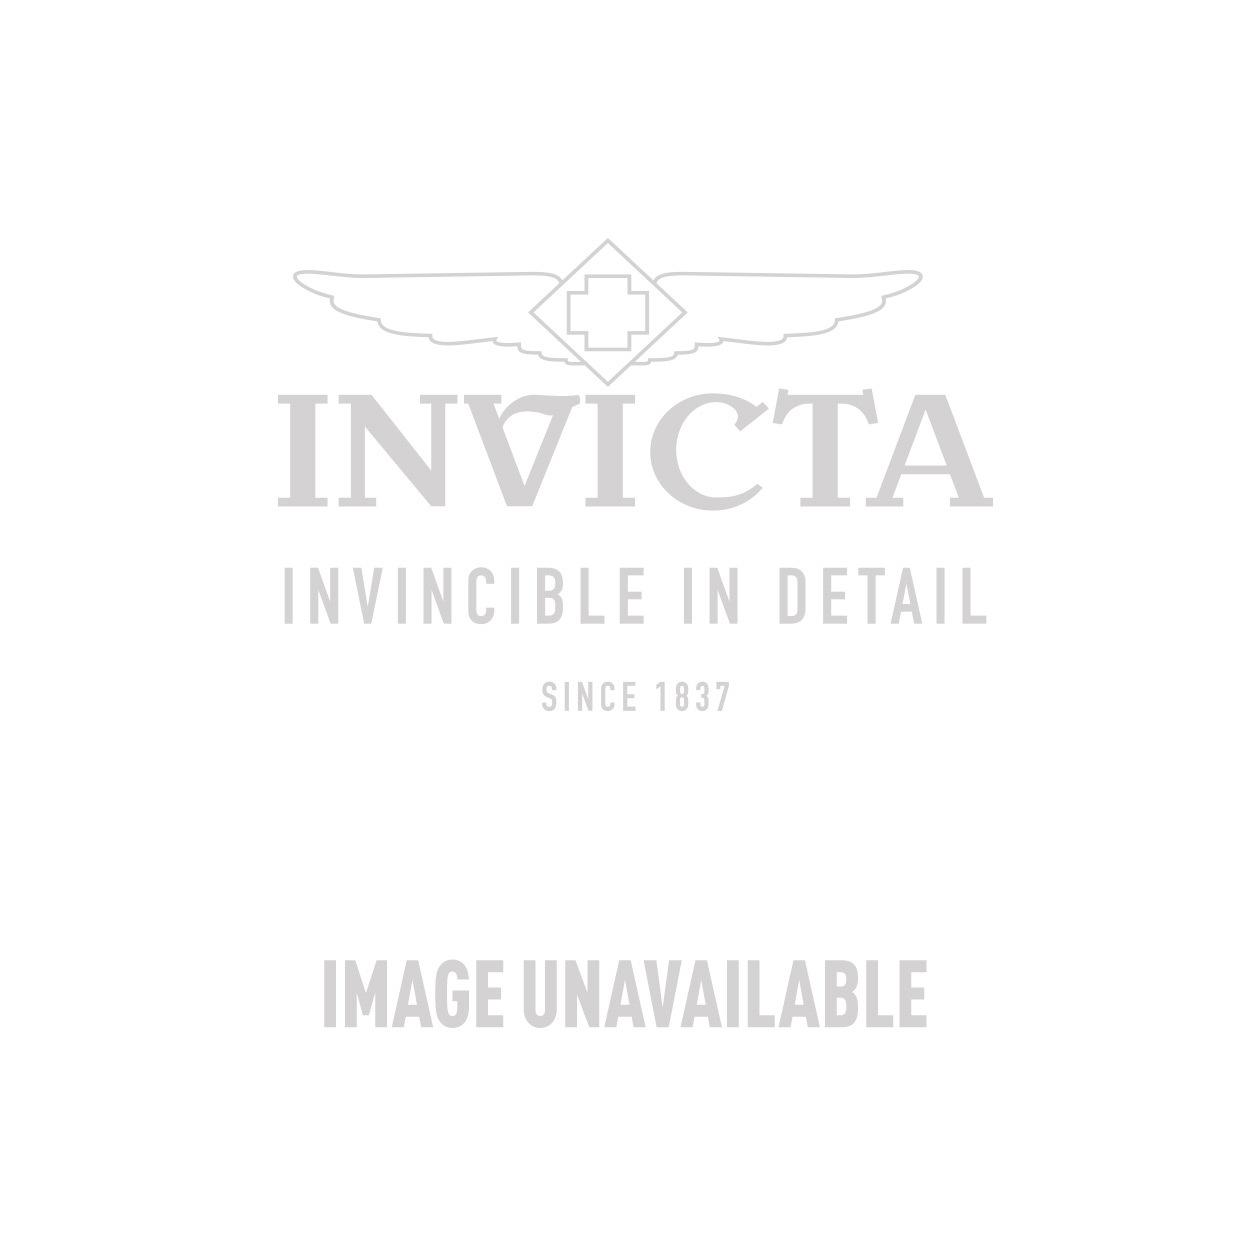 Invicta Model  26000